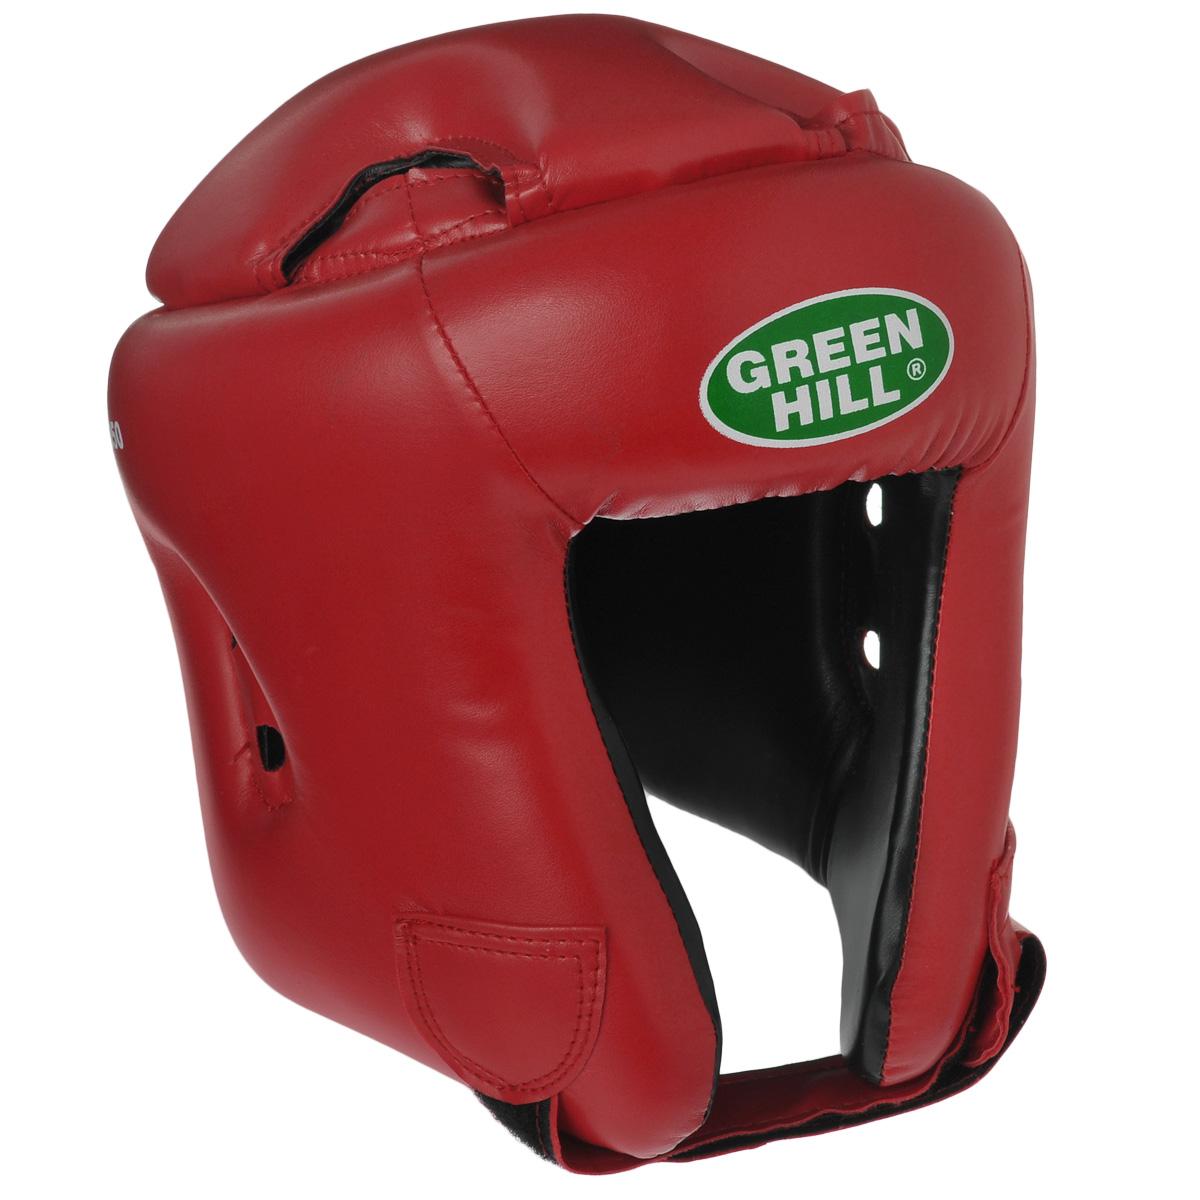 Шлем боксерский Green Hill Brave, цвет красный. Размер S (48-53 см)KBH-4050Шлем Green Hill Brave с усиленной защитой теменной области предназначен для занятий боксом и кикбоксингом. Подходит для тренировок и соревнований. Крепление сзади на резинке и под подбородком на липучке крепко удерживают шлем на голове. Верх выполнен из высококачественного кожзаменителя, подкладка из искусственной замши.